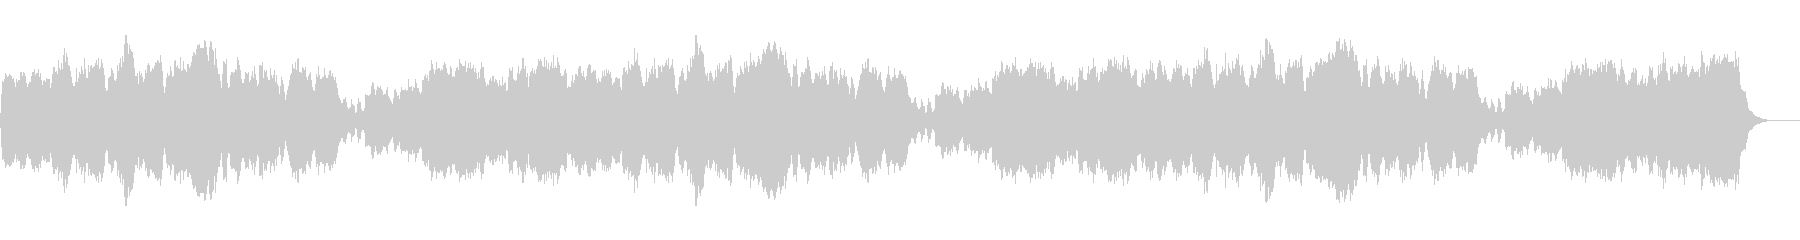 クリスマス「諸人こぞりて」パイプオルガンの未再生の波形